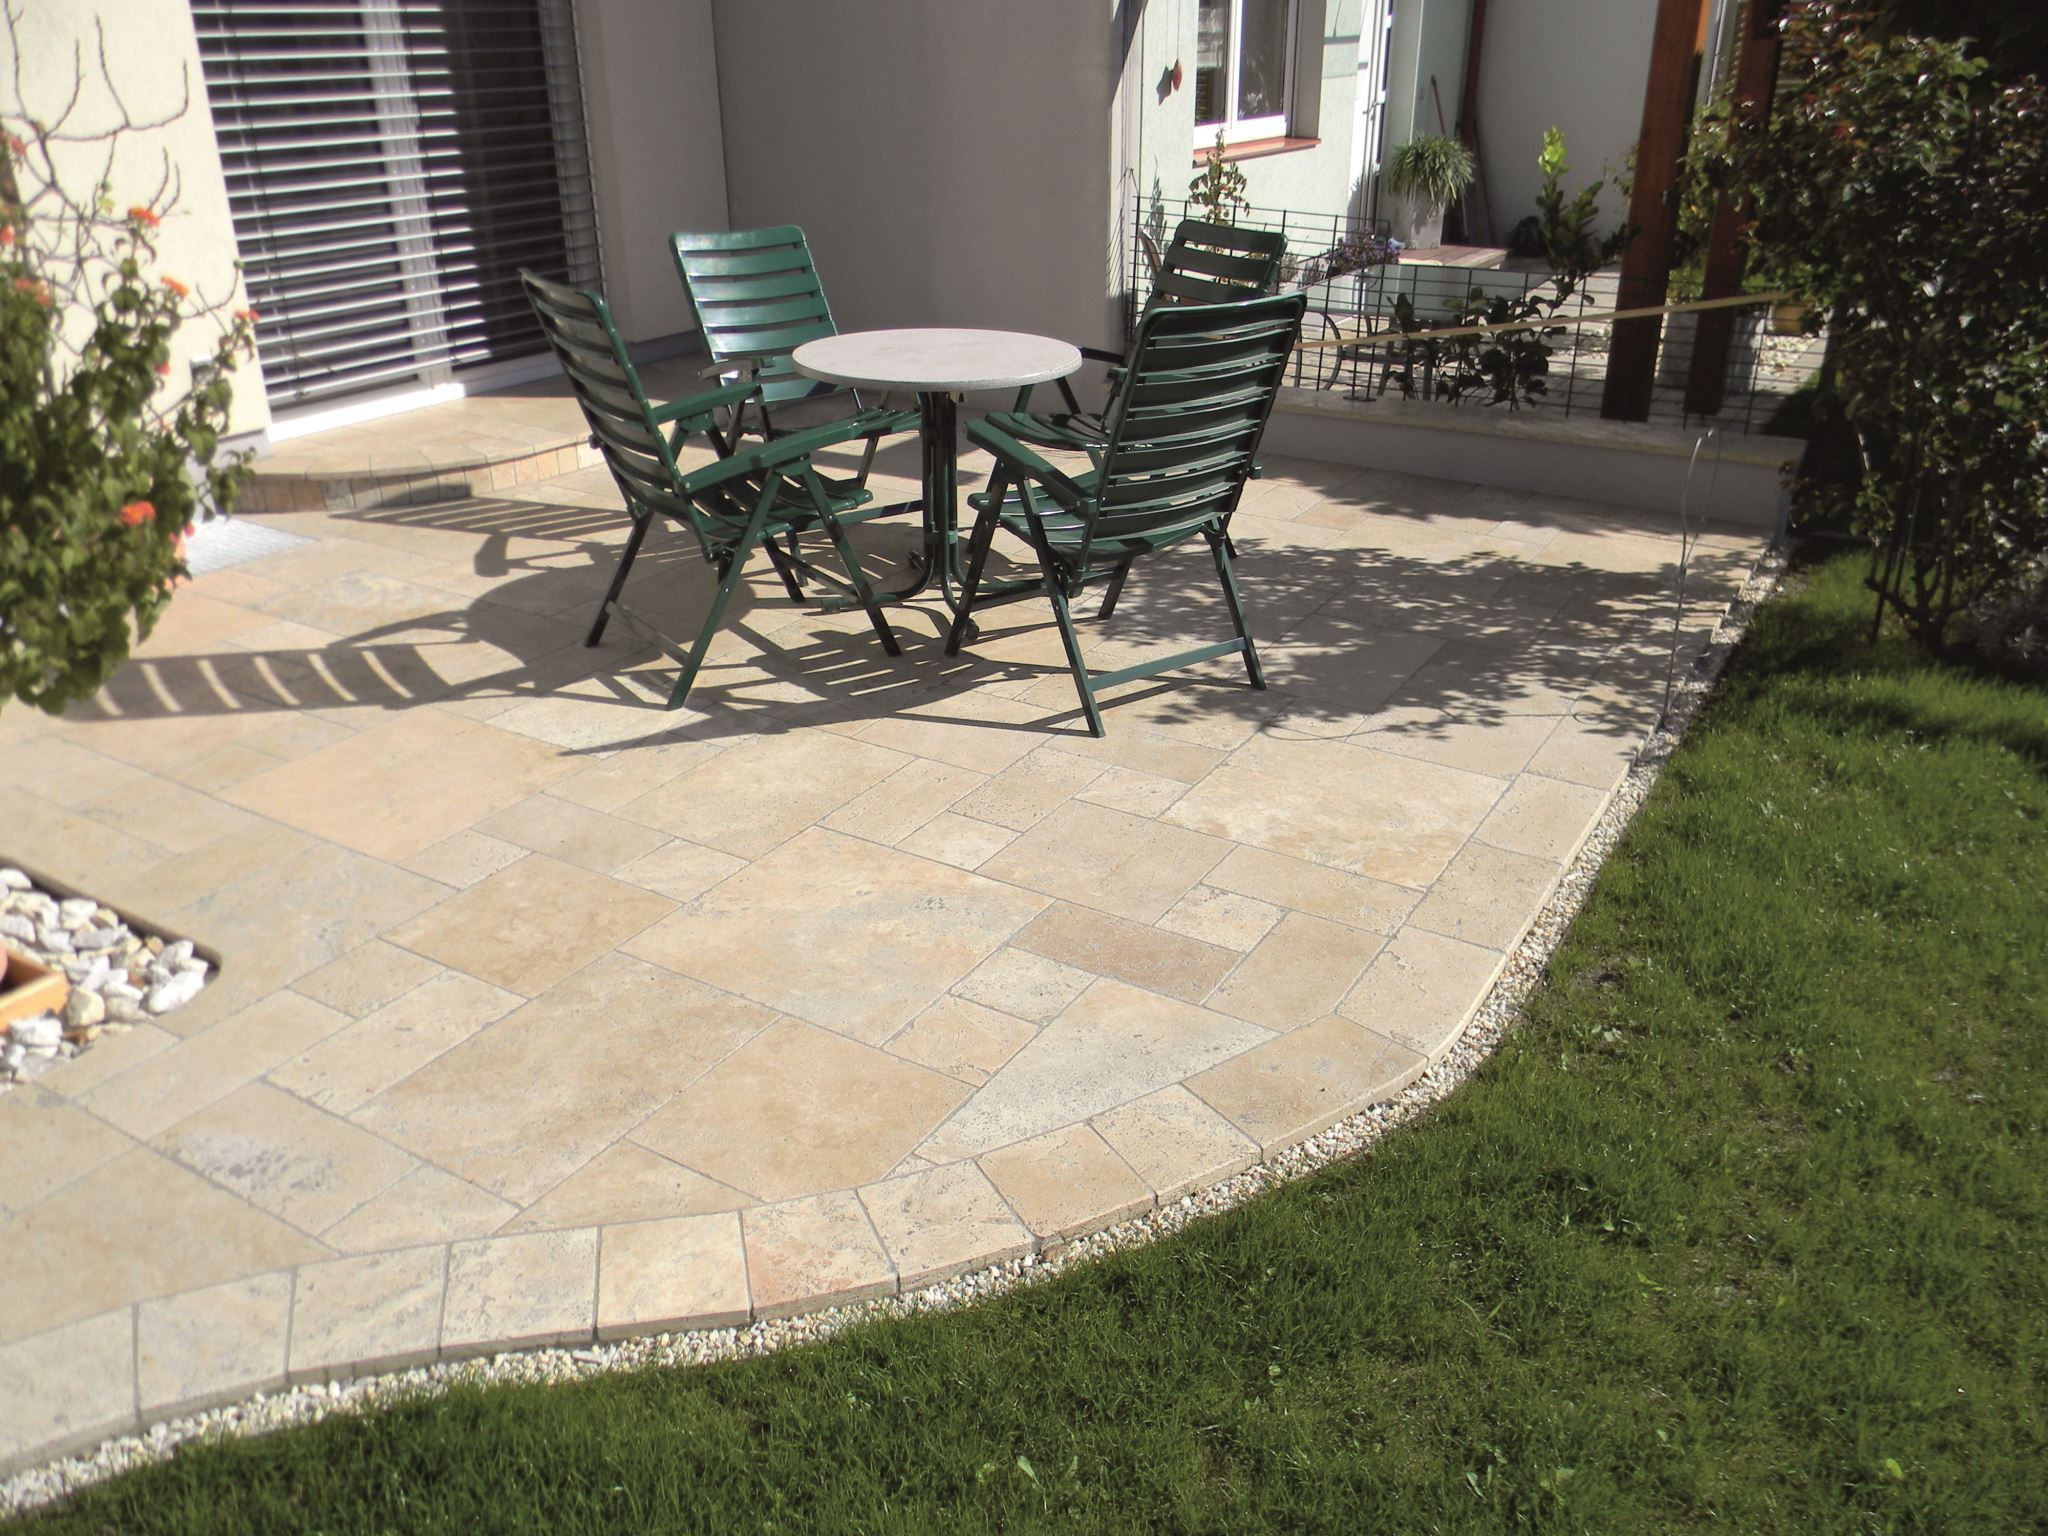 Bodenplatte 3 Cm Travertin Beige 19 5 19 5 3cm Stein Co Gartengestaltung Gartenplatten Garten Design